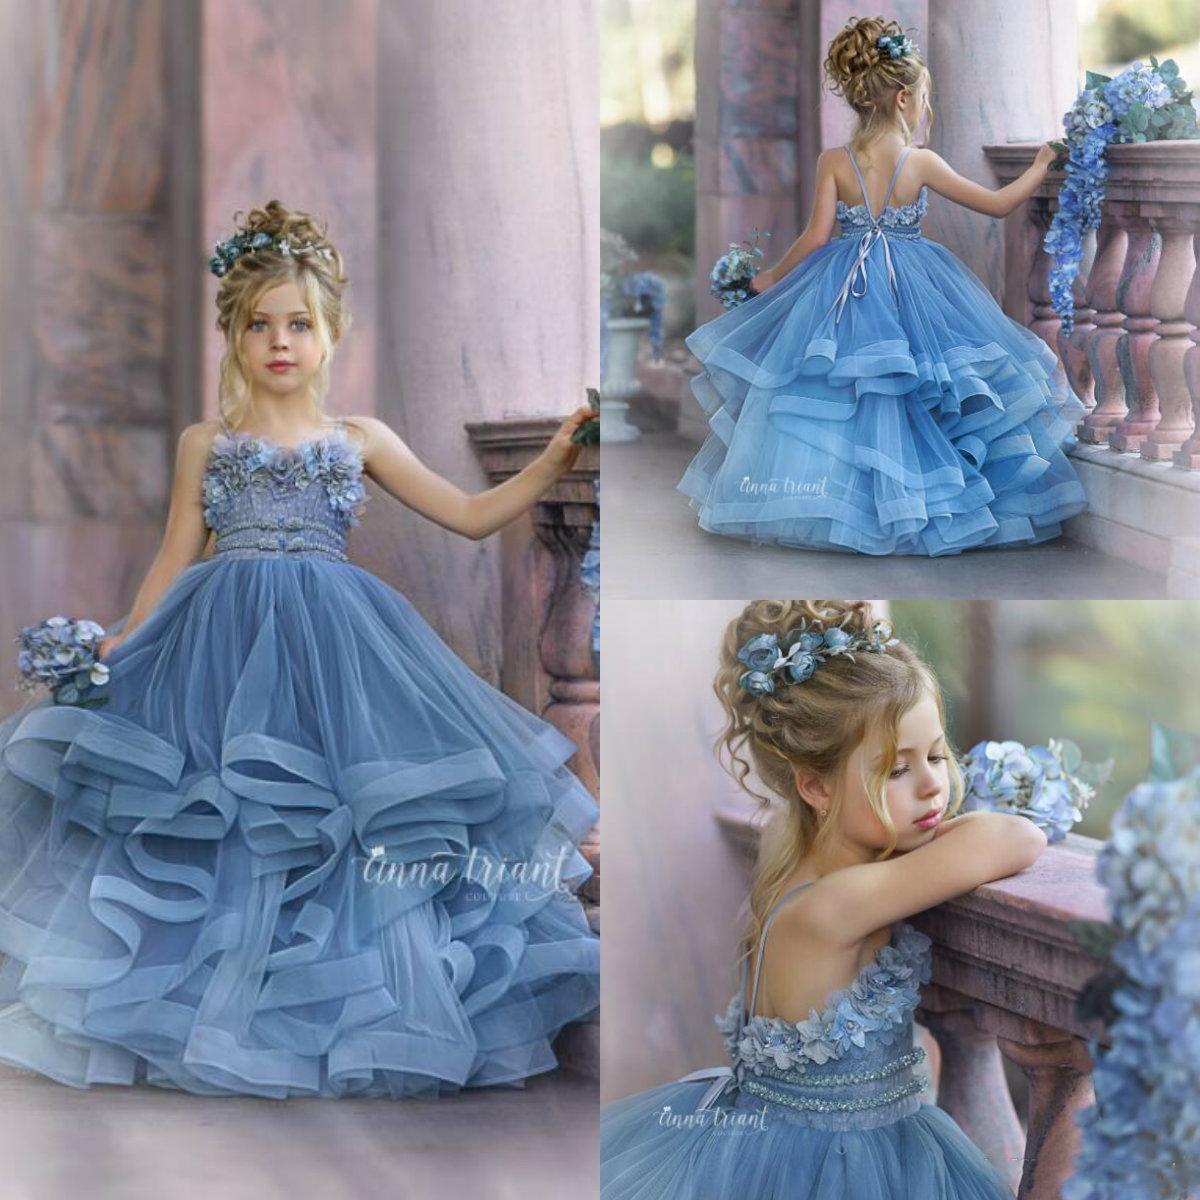 2021 Şirin Çiçek Kız Elbise İçin Düğün Spagetti Dantel Çiçek Aplikler Katmanlı Etekler Kız Pageant Elbise A Hattı Çocuk Doğum Abiye